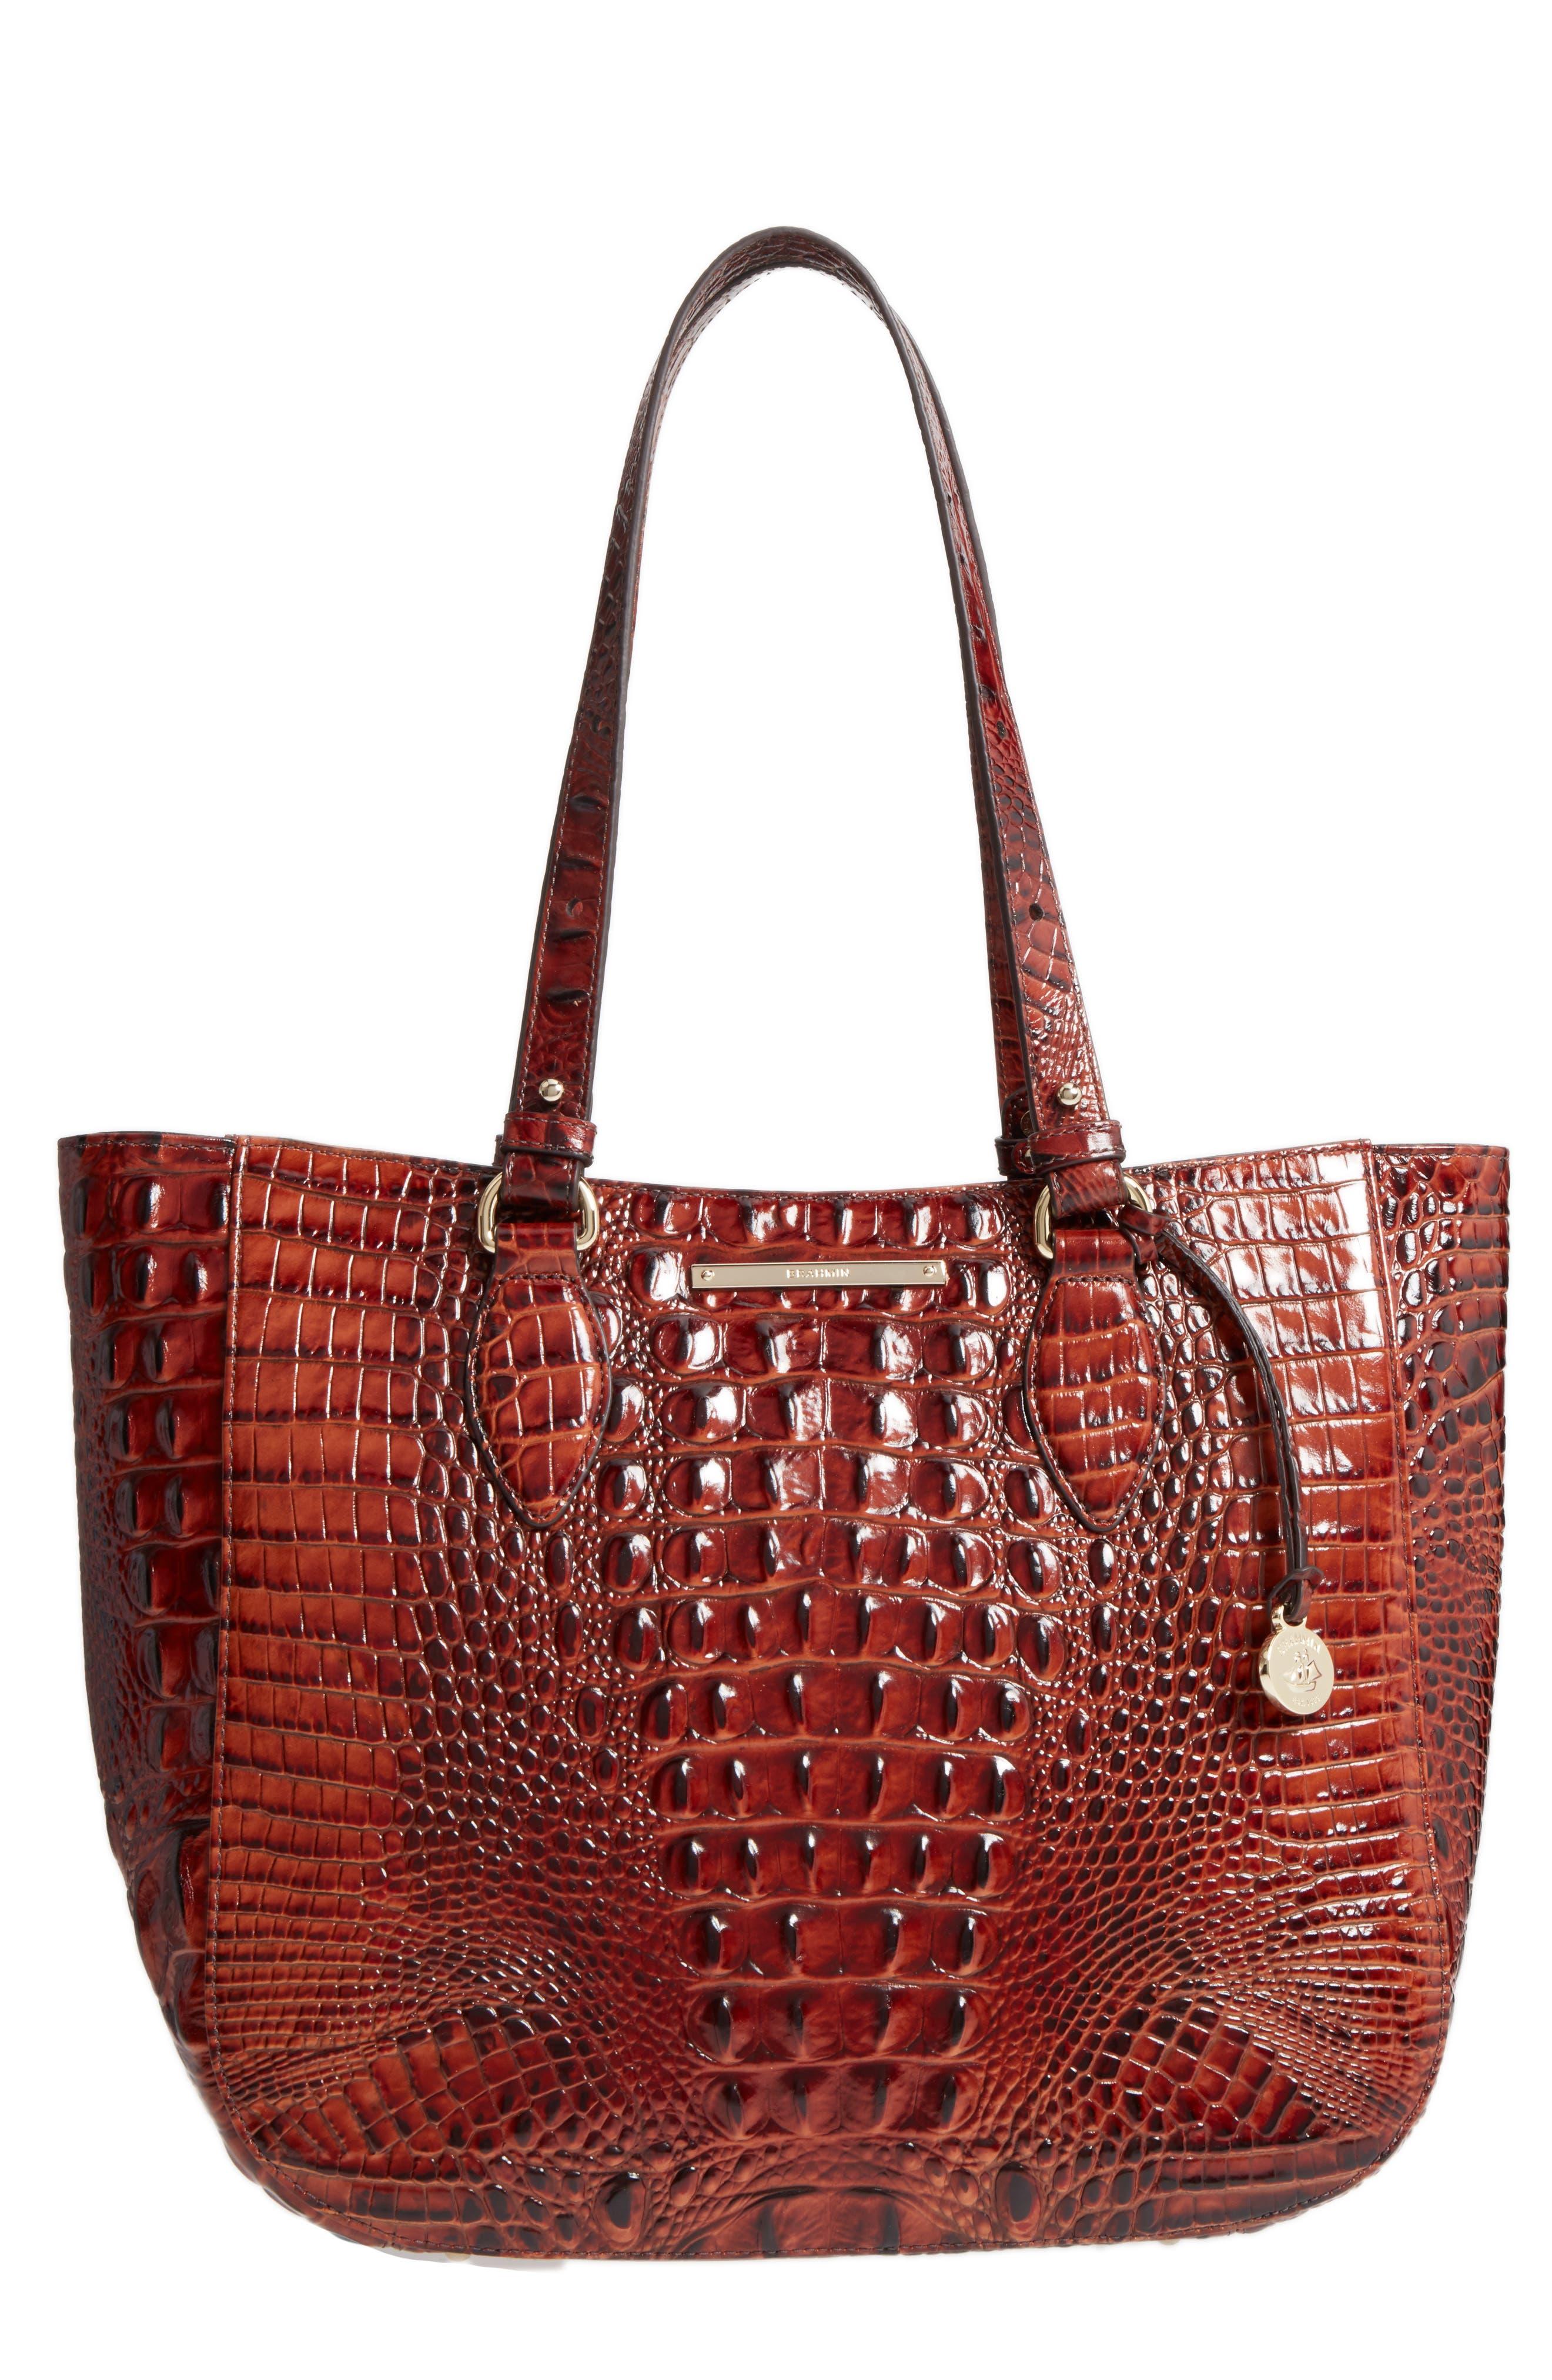 Brahmin Melbourne - Medium Lena Leather Tote